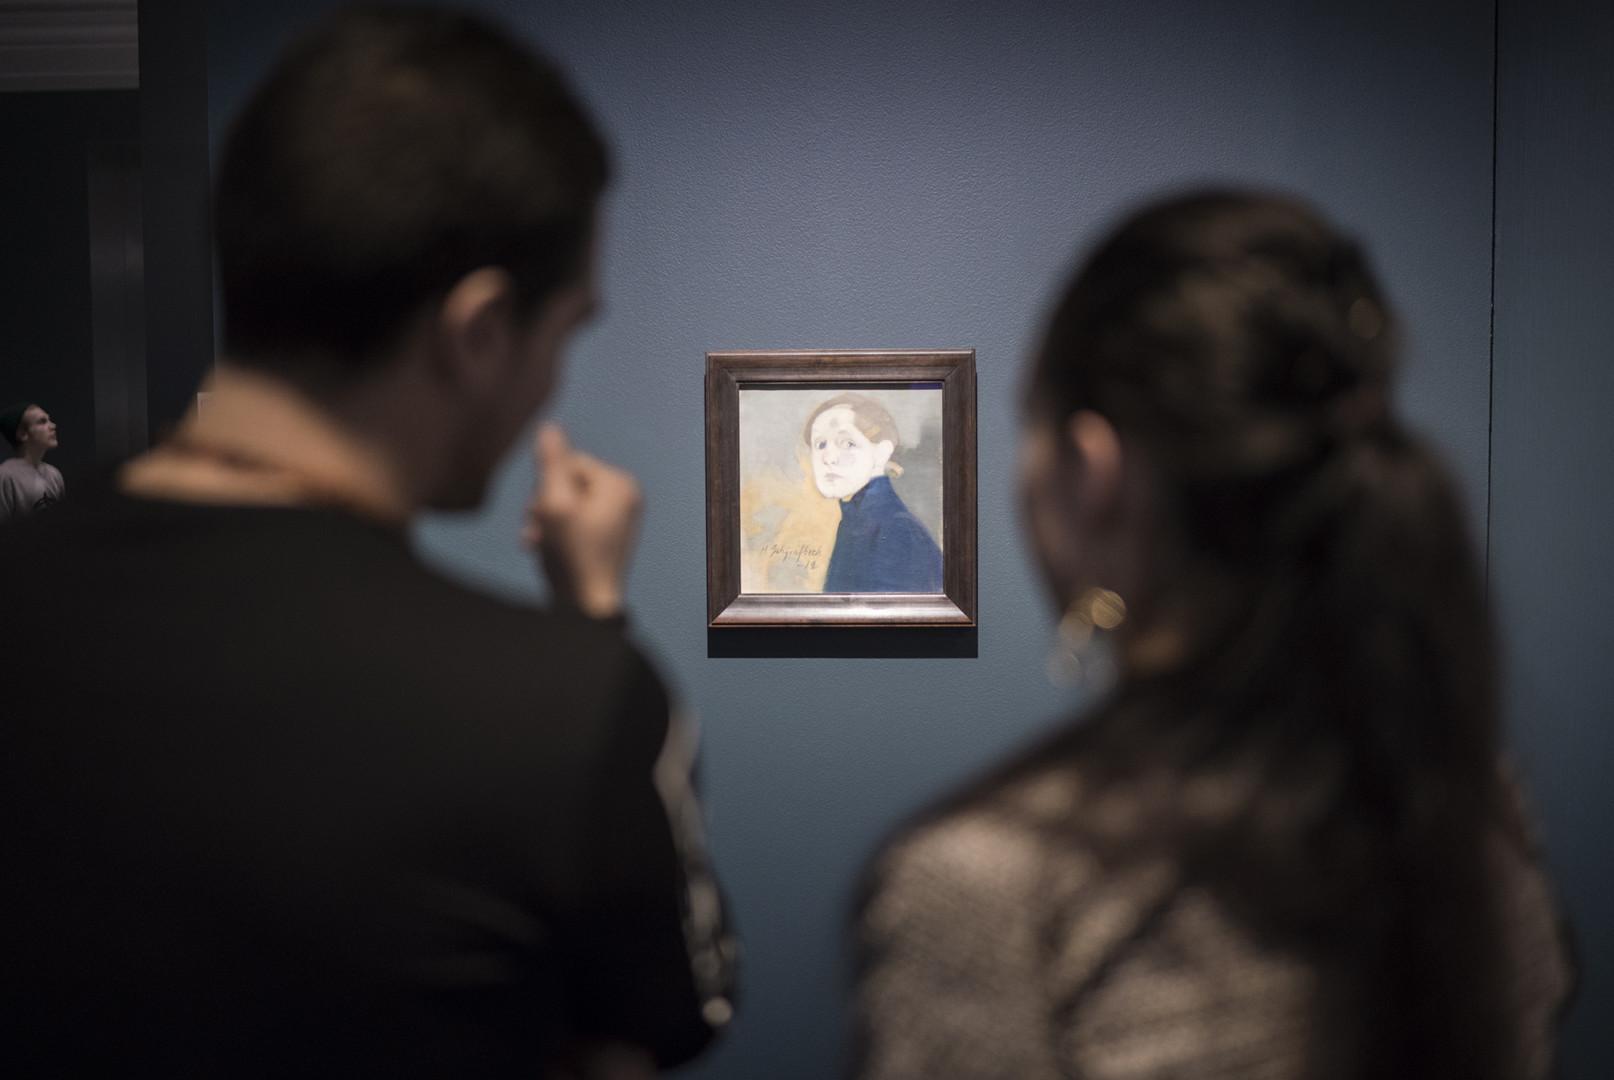 Kaksi henkilöä katsoo Helene Schjerfbeckin muotokuvaa.